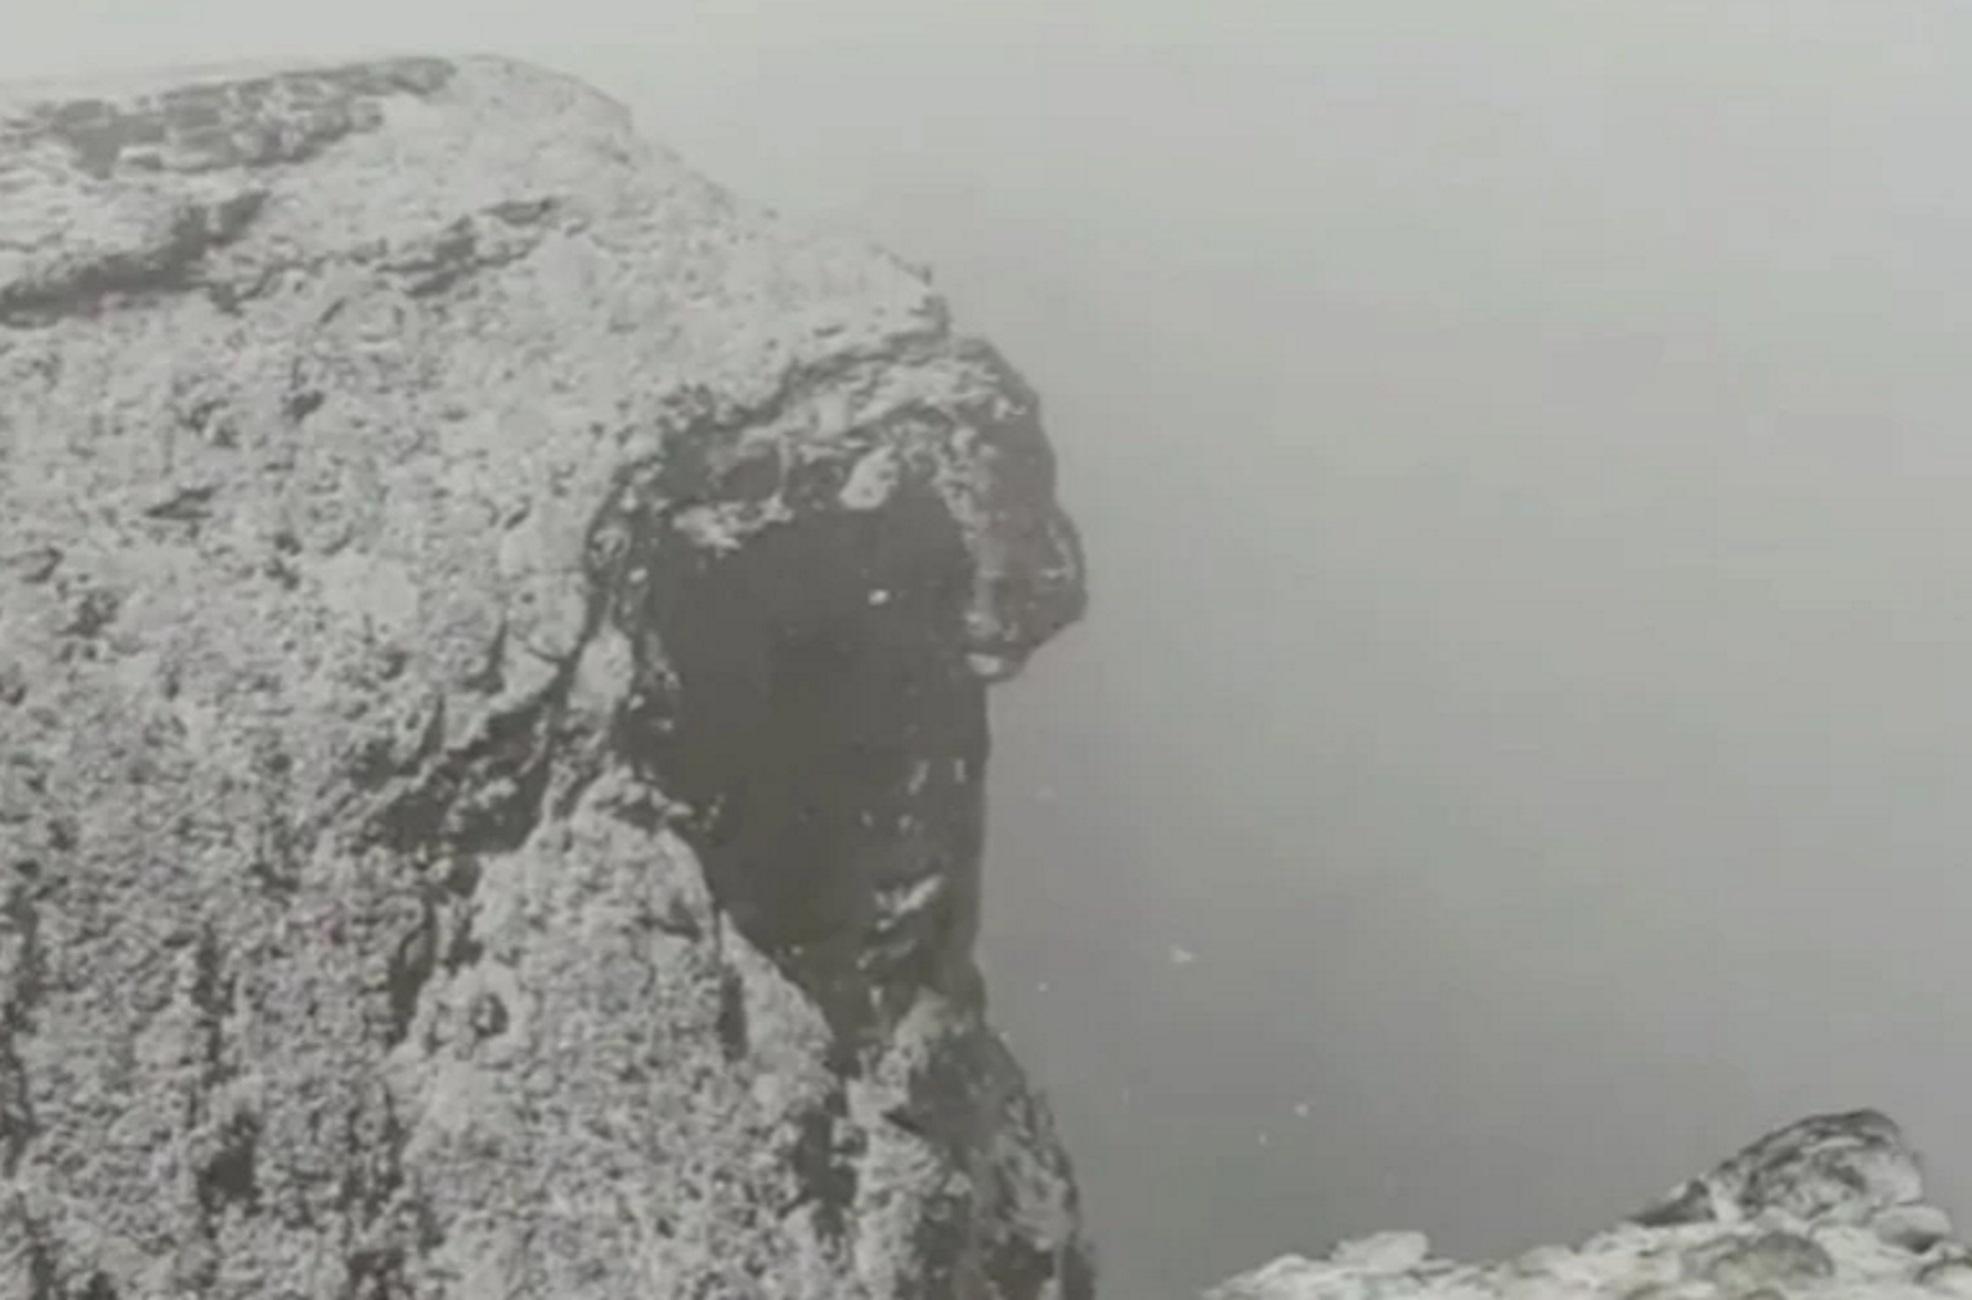 Καιρός: Το καλοκαίρι δεν ήρθε παντού – Χιόνια στον Όλυμπο και υπό το μηδέν σε χωριό της Ηπείρου